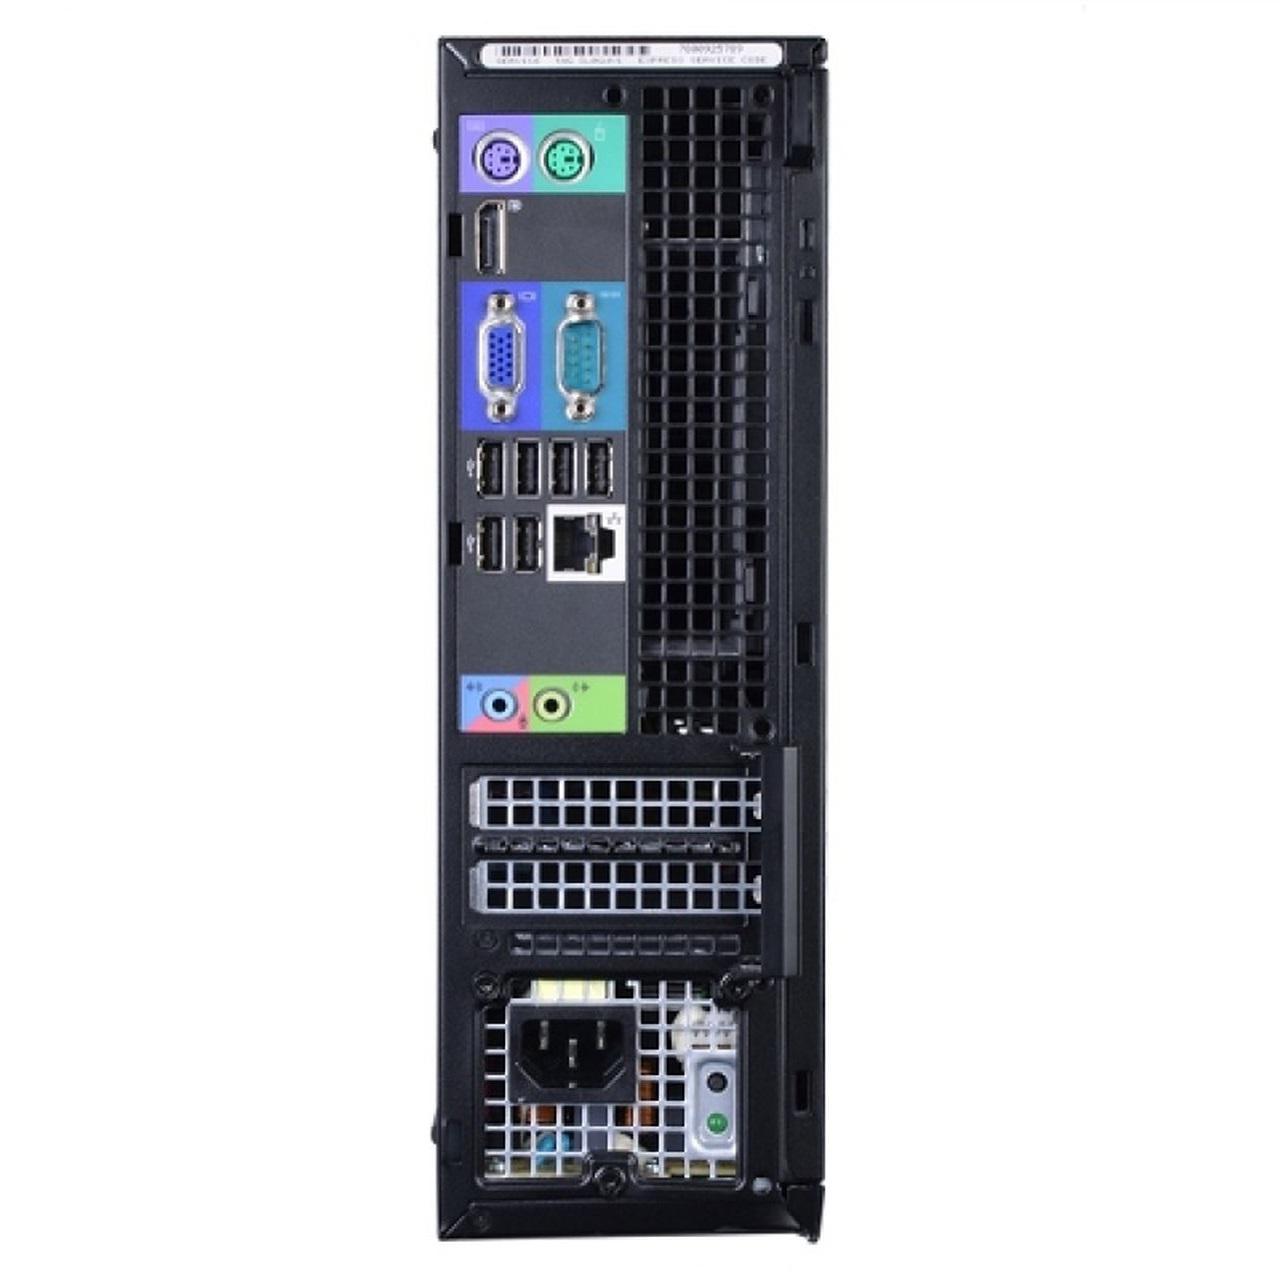 Dell Optiplex 790 Core i5 3.1 GHz - HDD 1 TB RAM 8GB